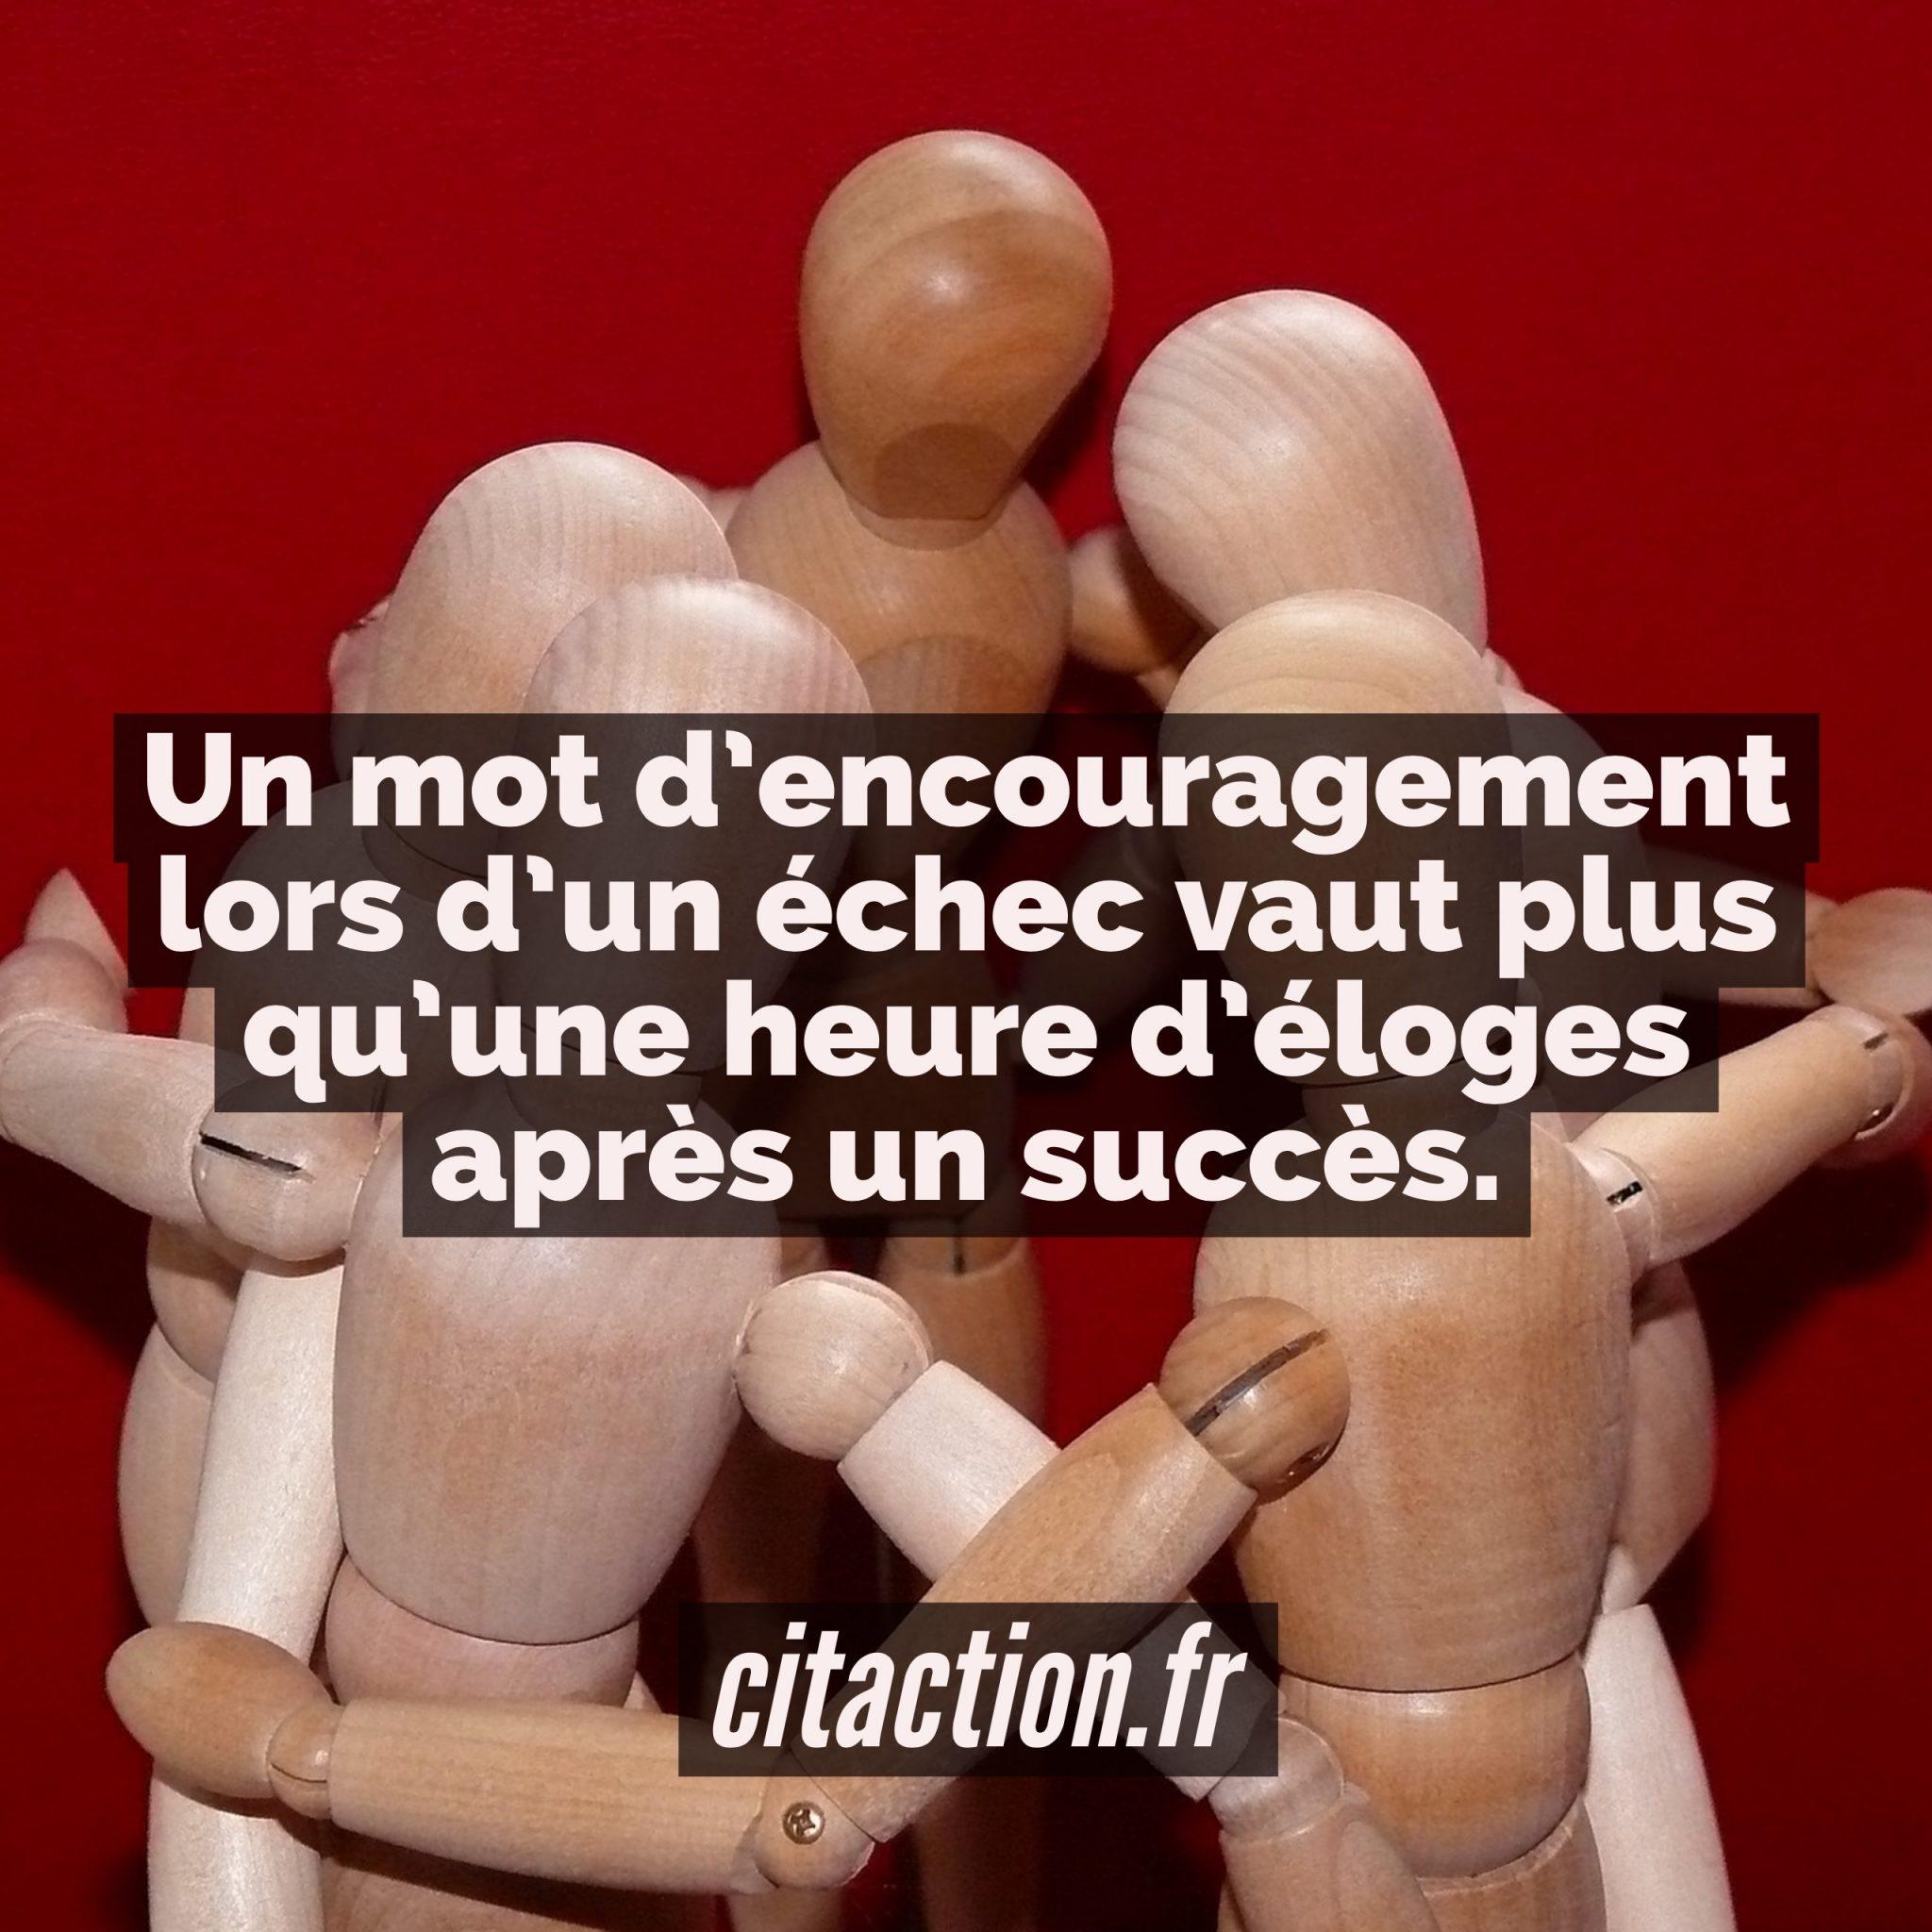 Un mot d'encouragement lors d'un échec vaut plus qu'une heure d'éloges après un succès.